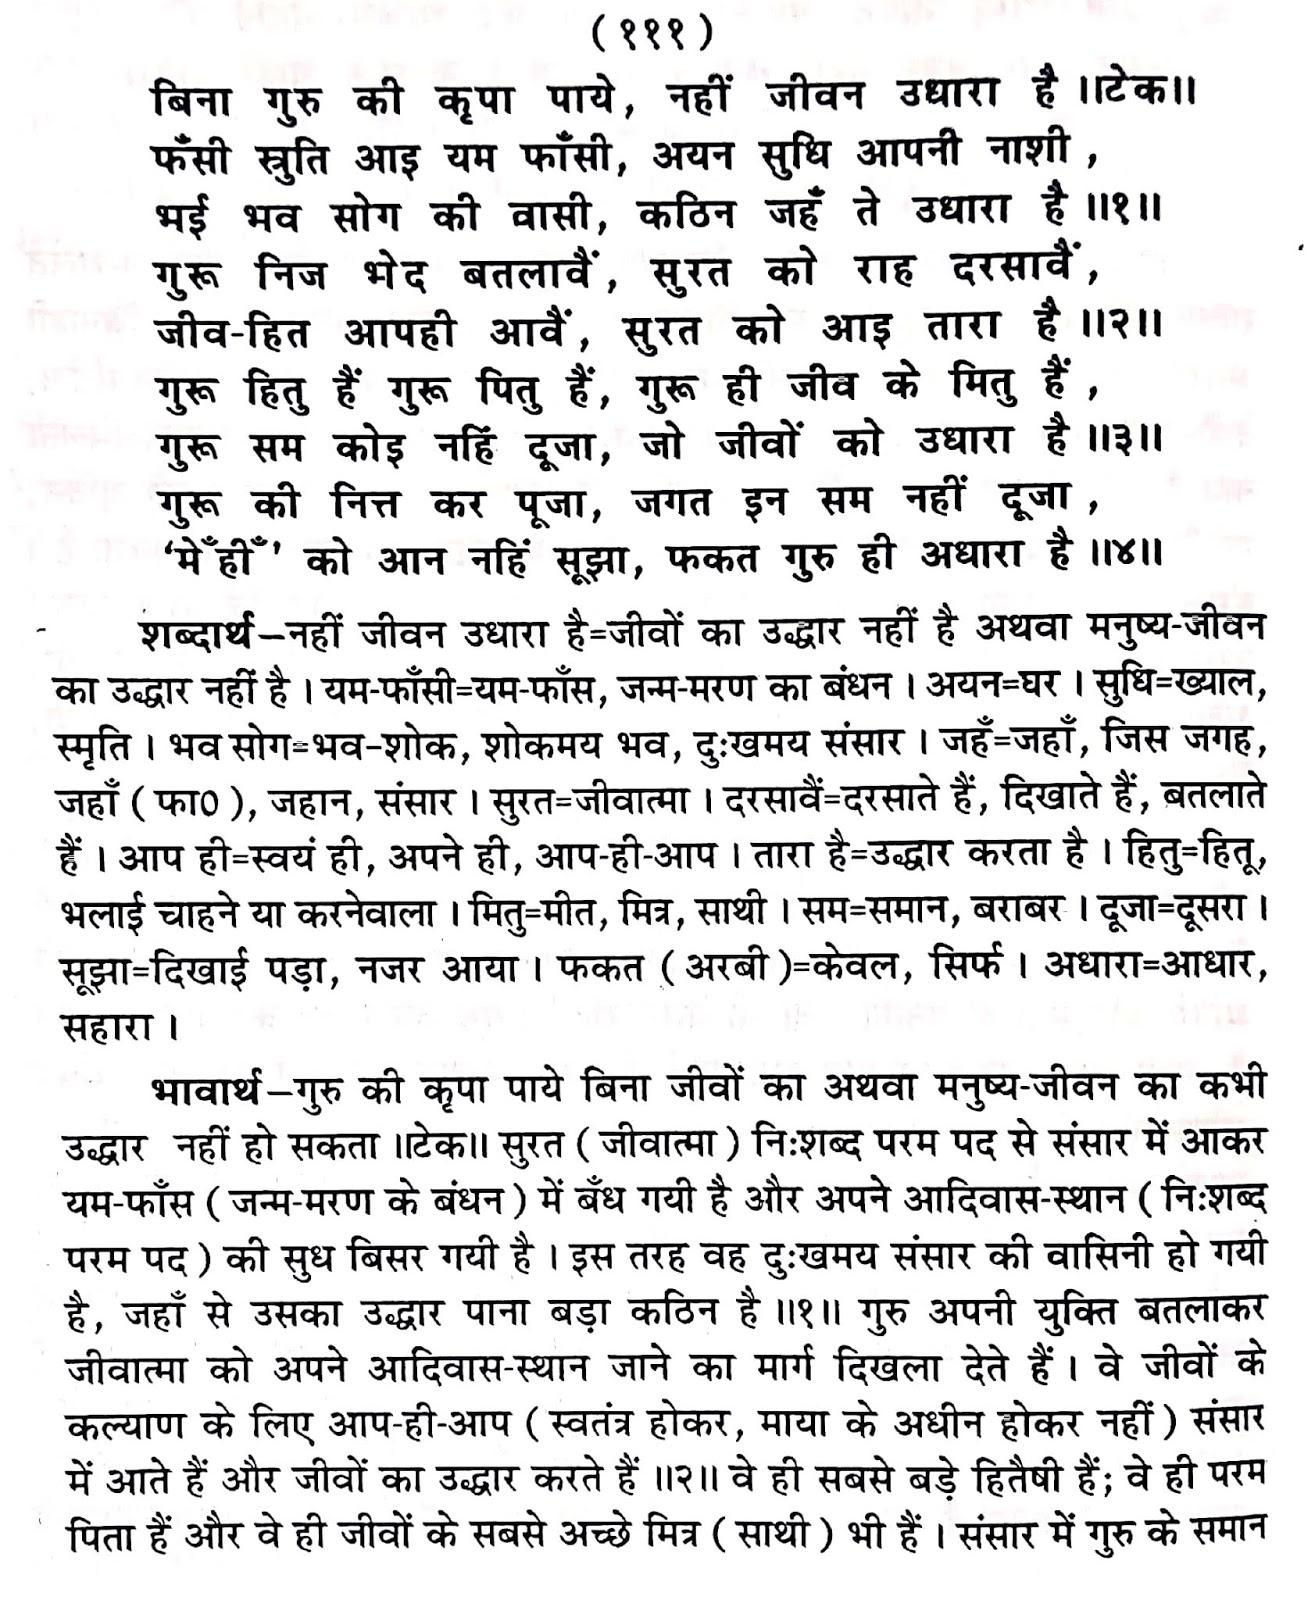 """P111, Importance of the Guru's grace, """"बिना गुरु की कृपा पाये,...''  महर्षि मेंहीं पदावली भजन अर्थ सहित। पदावली भजन नंबर 111 और शब्दार्थ भावार्थ।"""